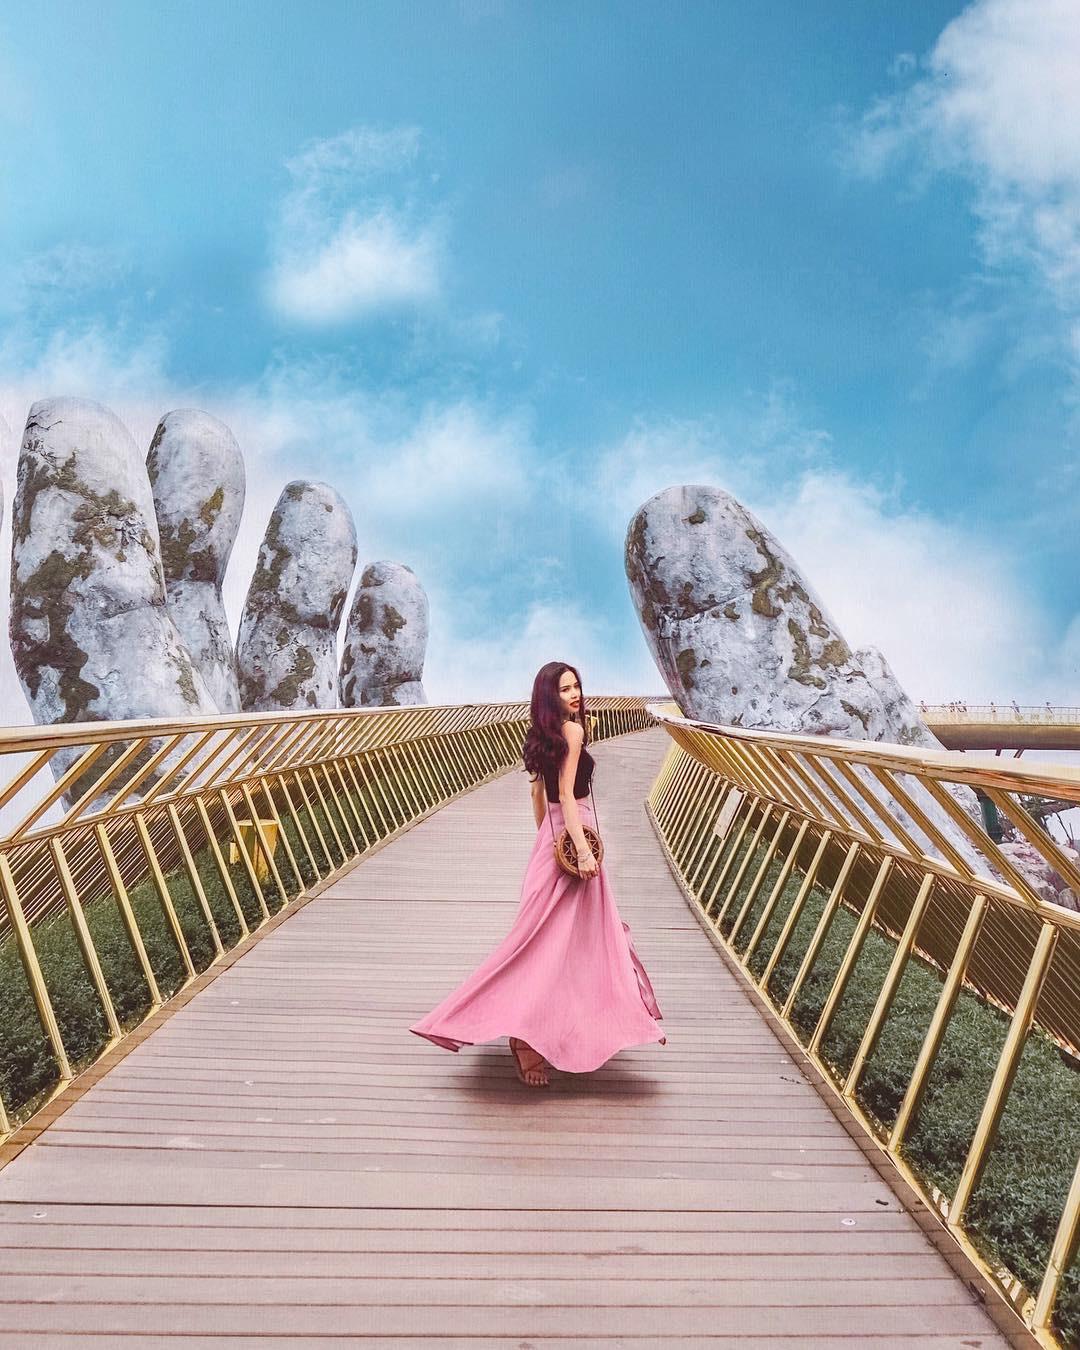 """""""Act cool đứng hình mất 5s"""" trước 8 cây cầu sống ảo đẹp nhất Việt Nam, bạn đã check-in hết chưa? - Ảnh 2."""